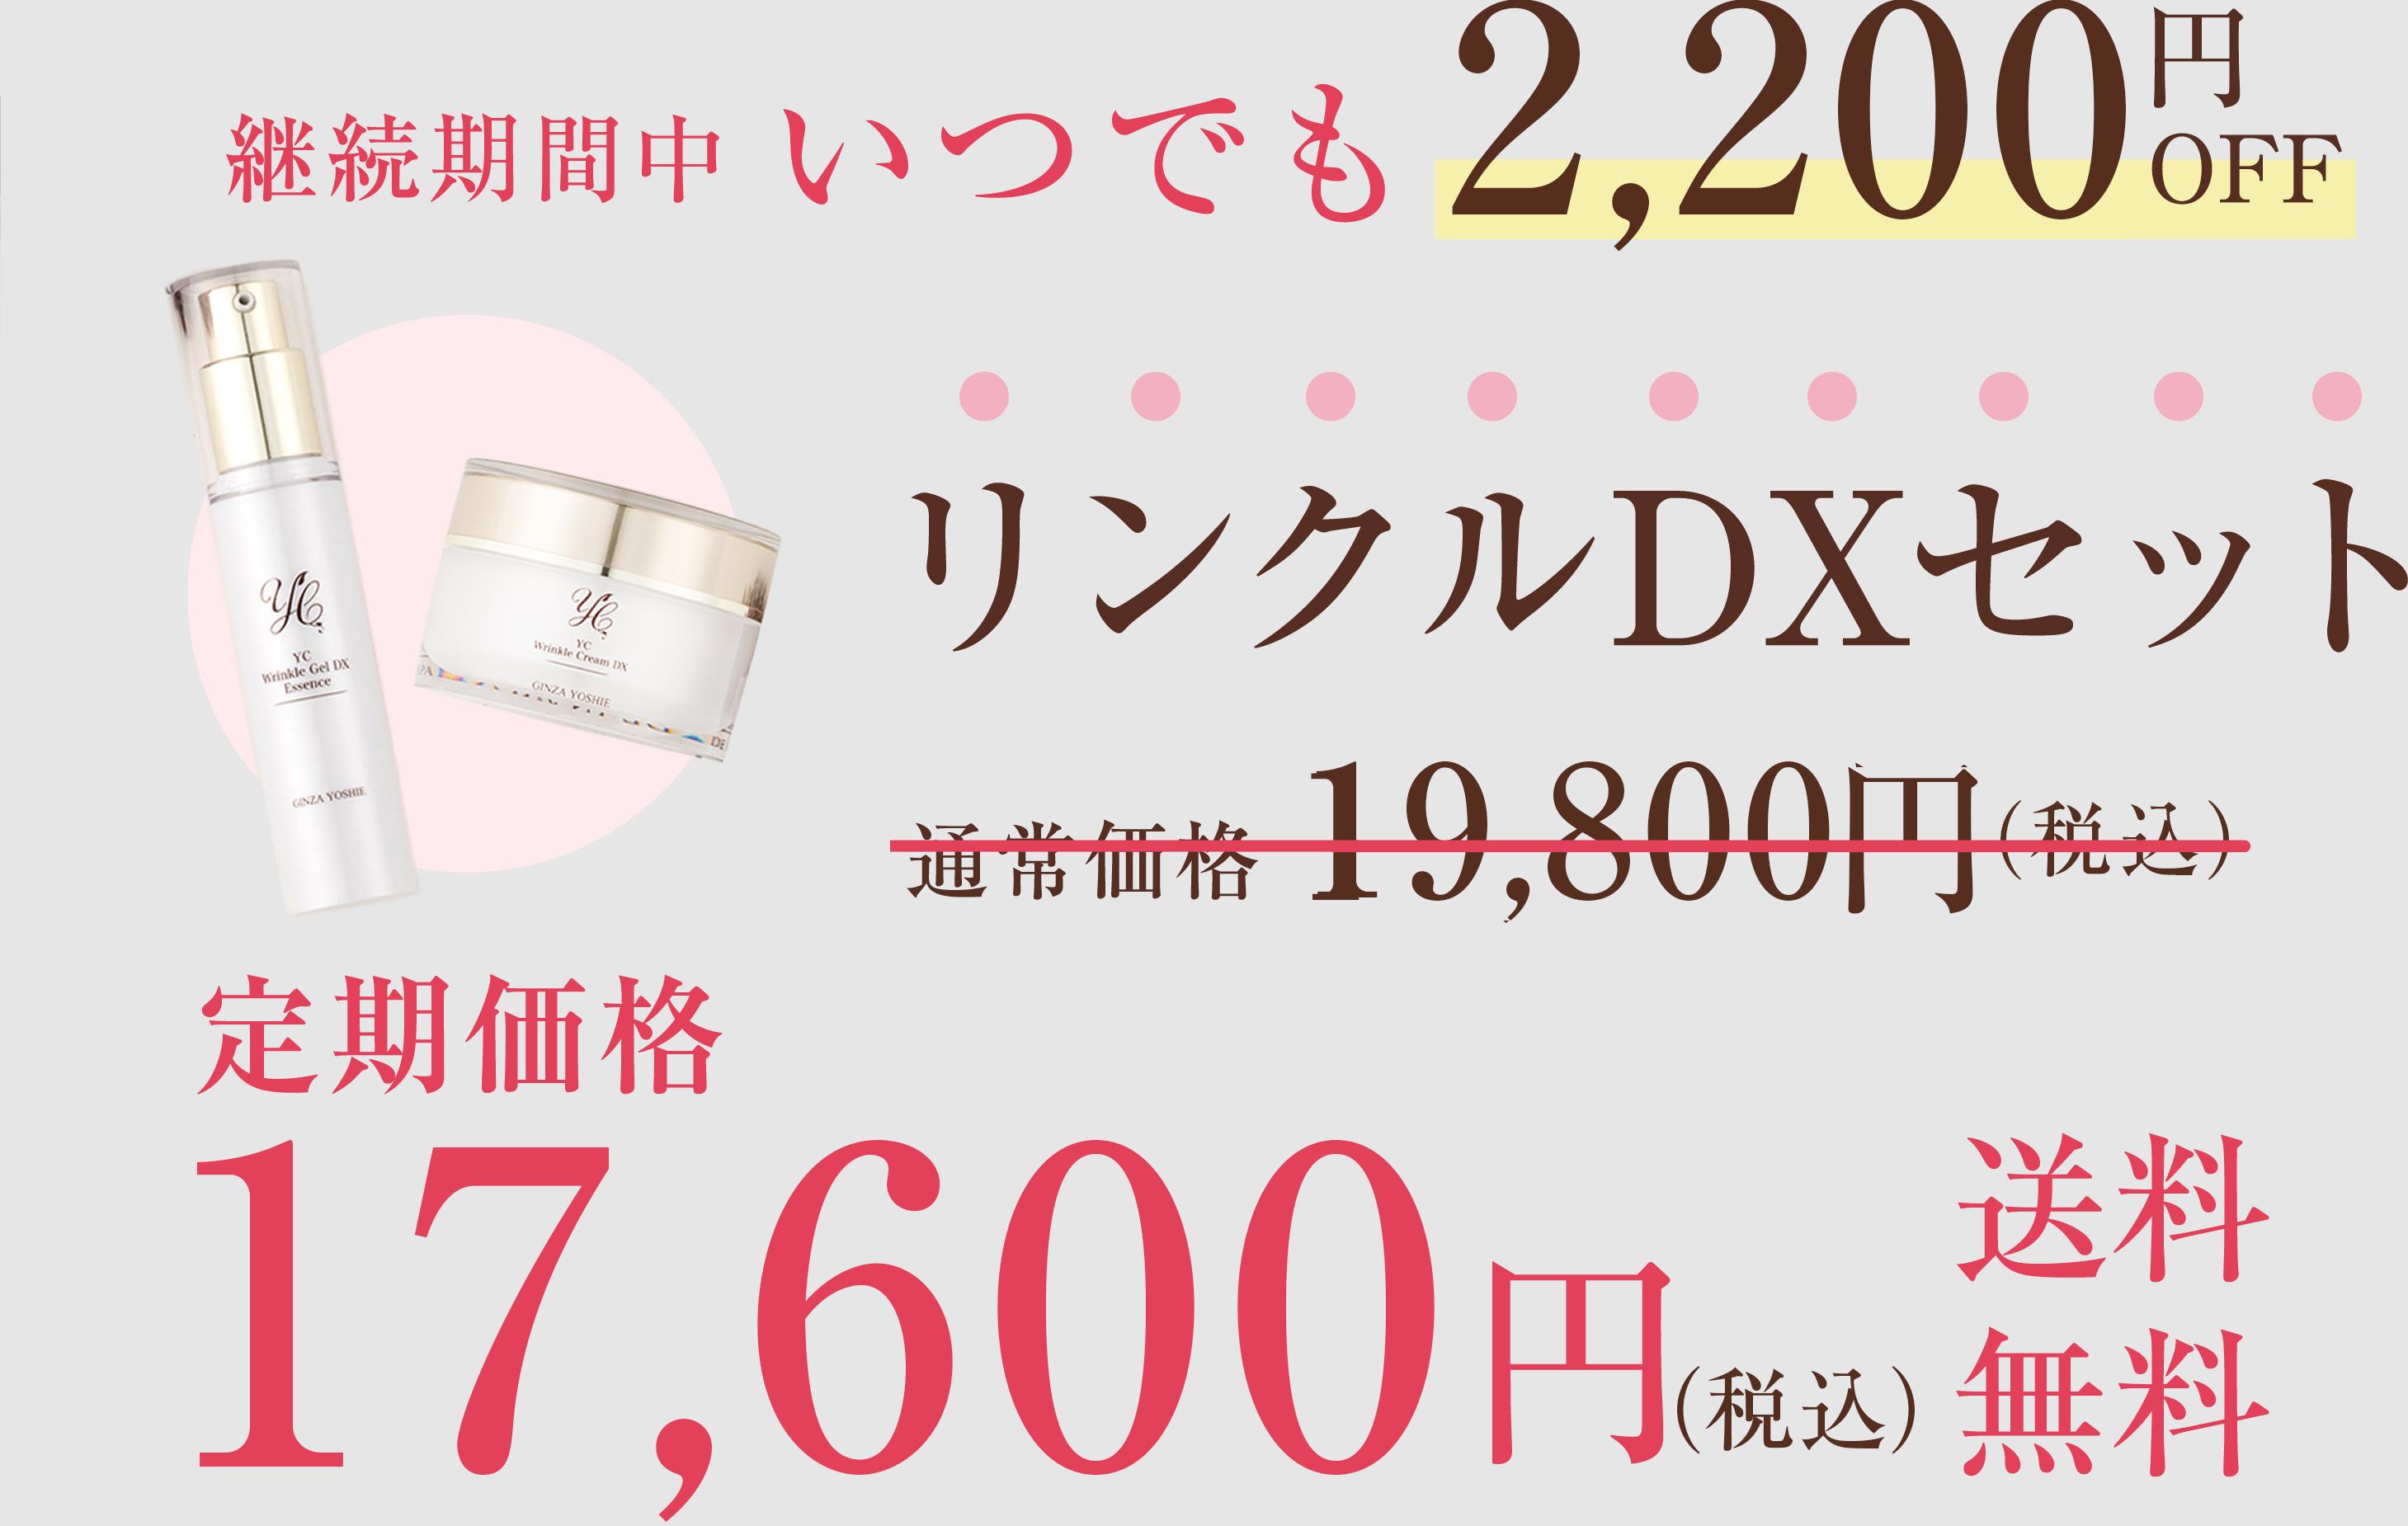 定期価格 17,600円(税込) 送料無料